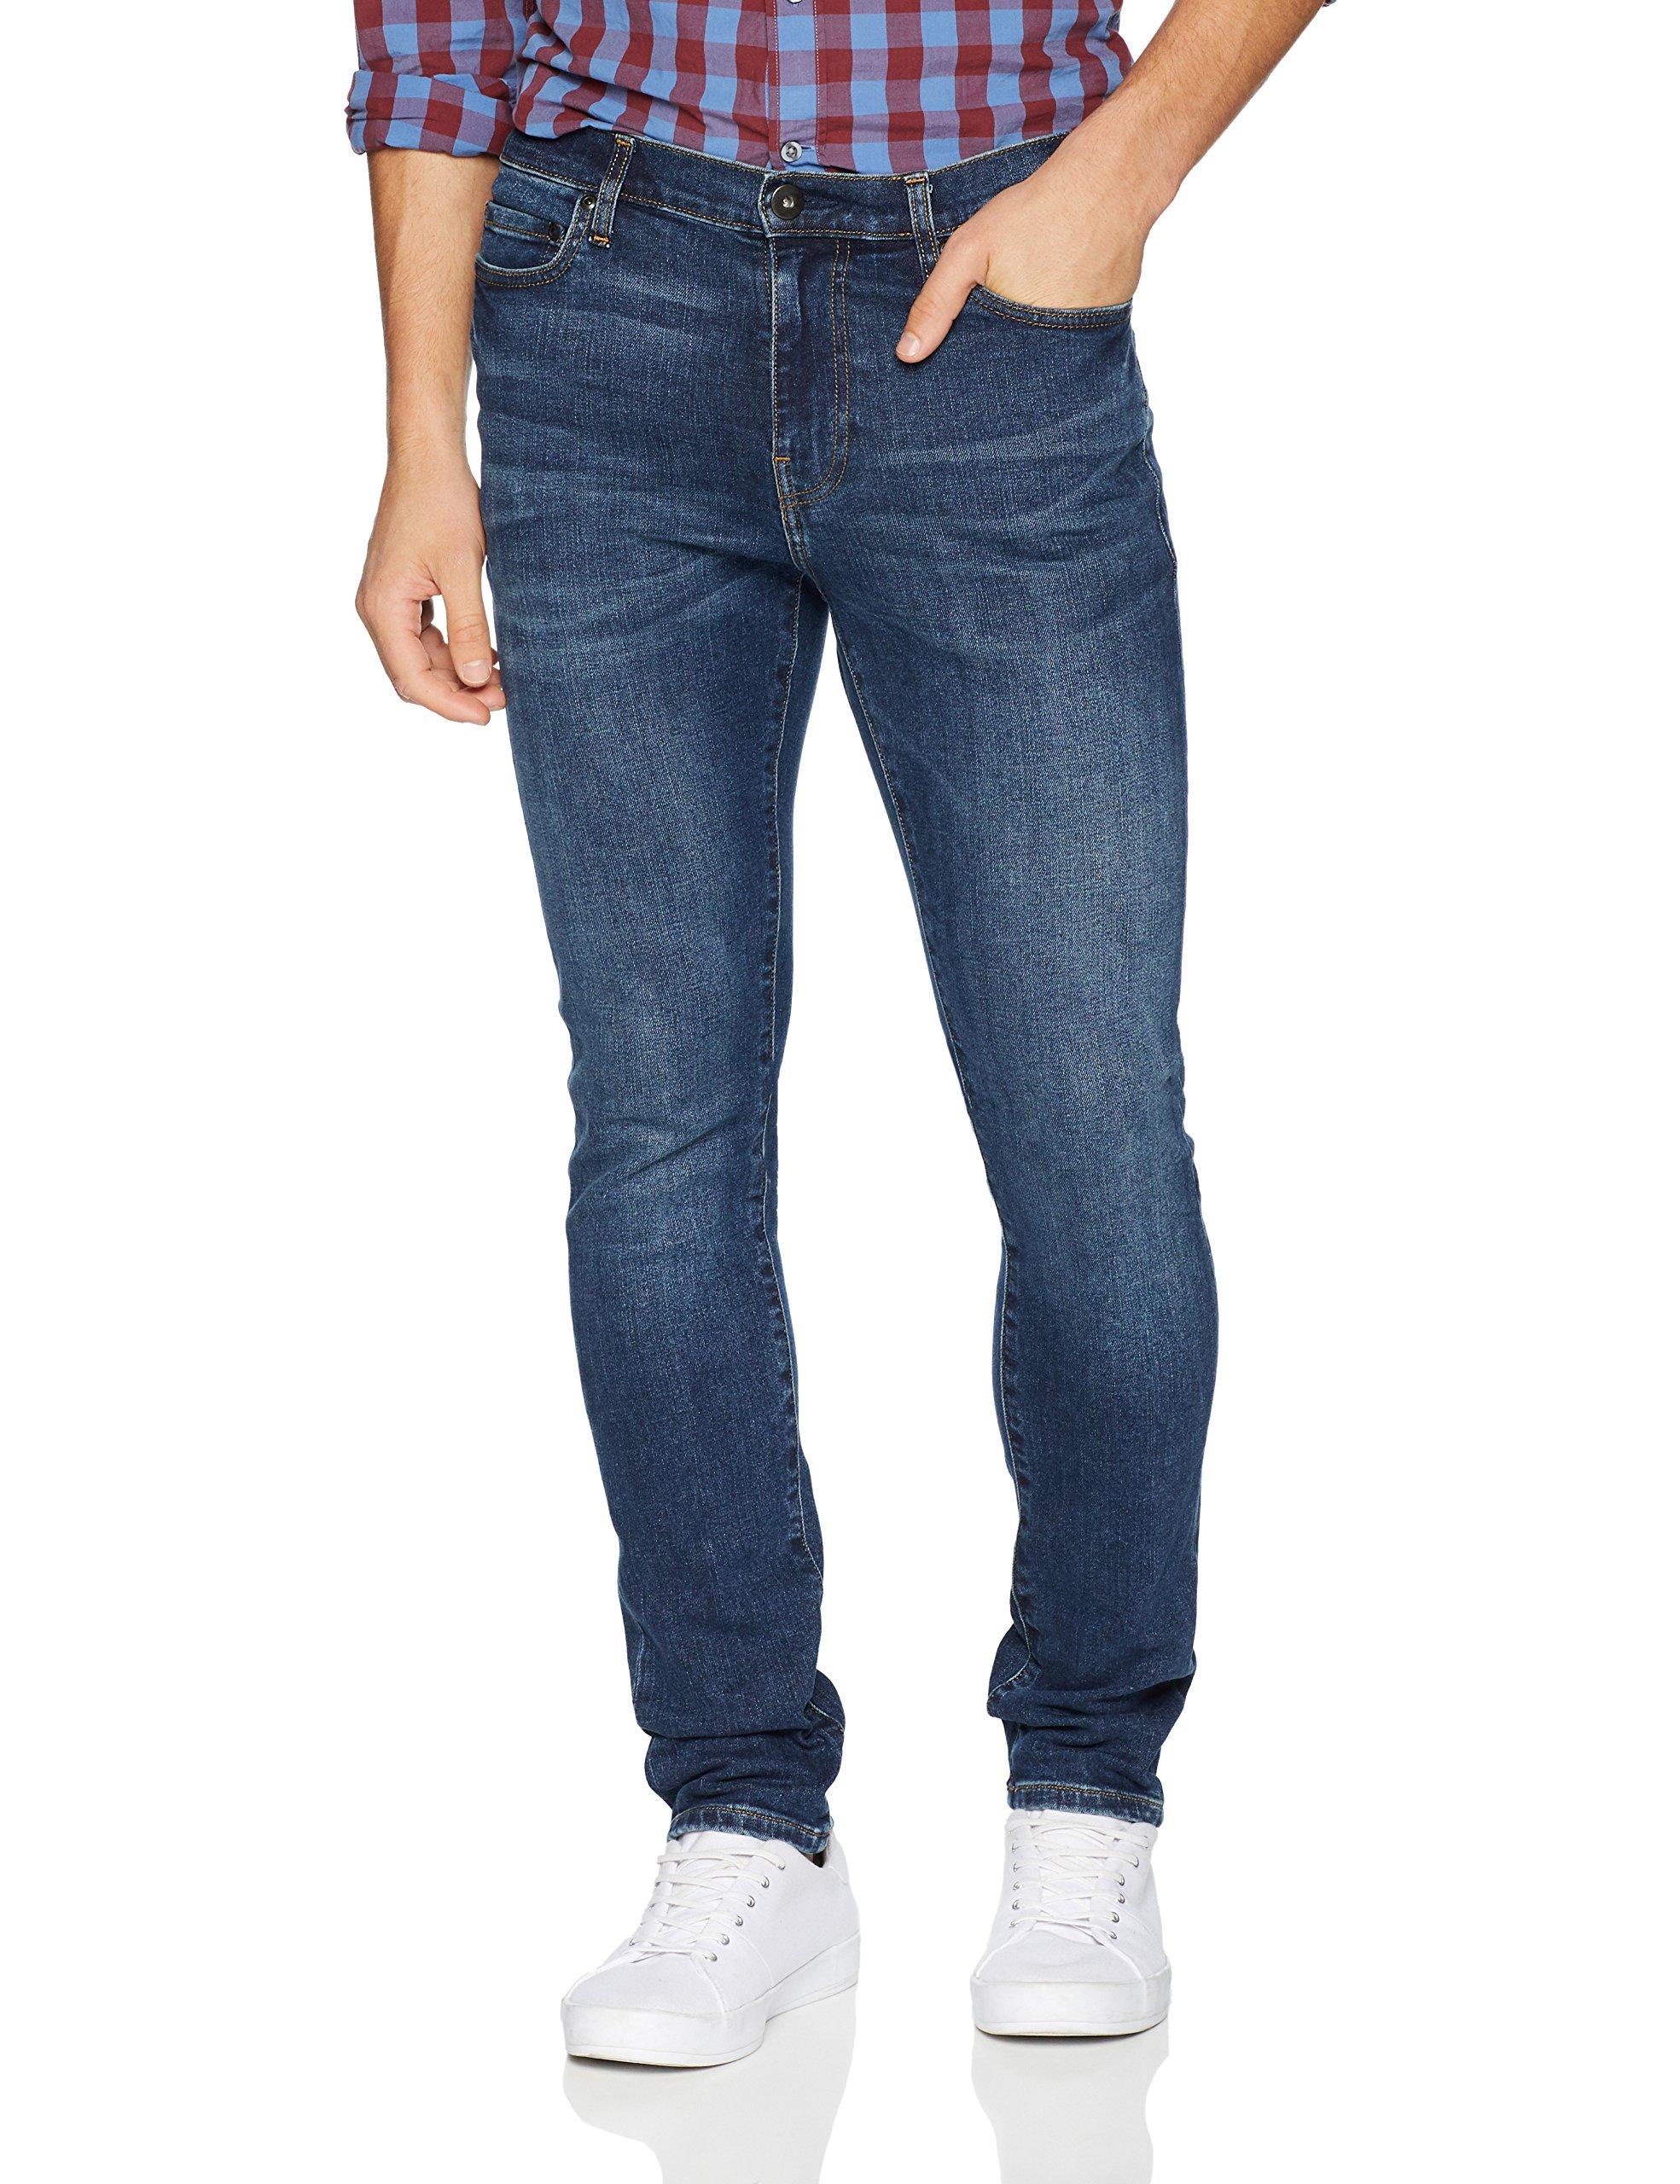 Goodthreads Men's Skinny-Fit Jean, Medium Blue, 38W x 34L